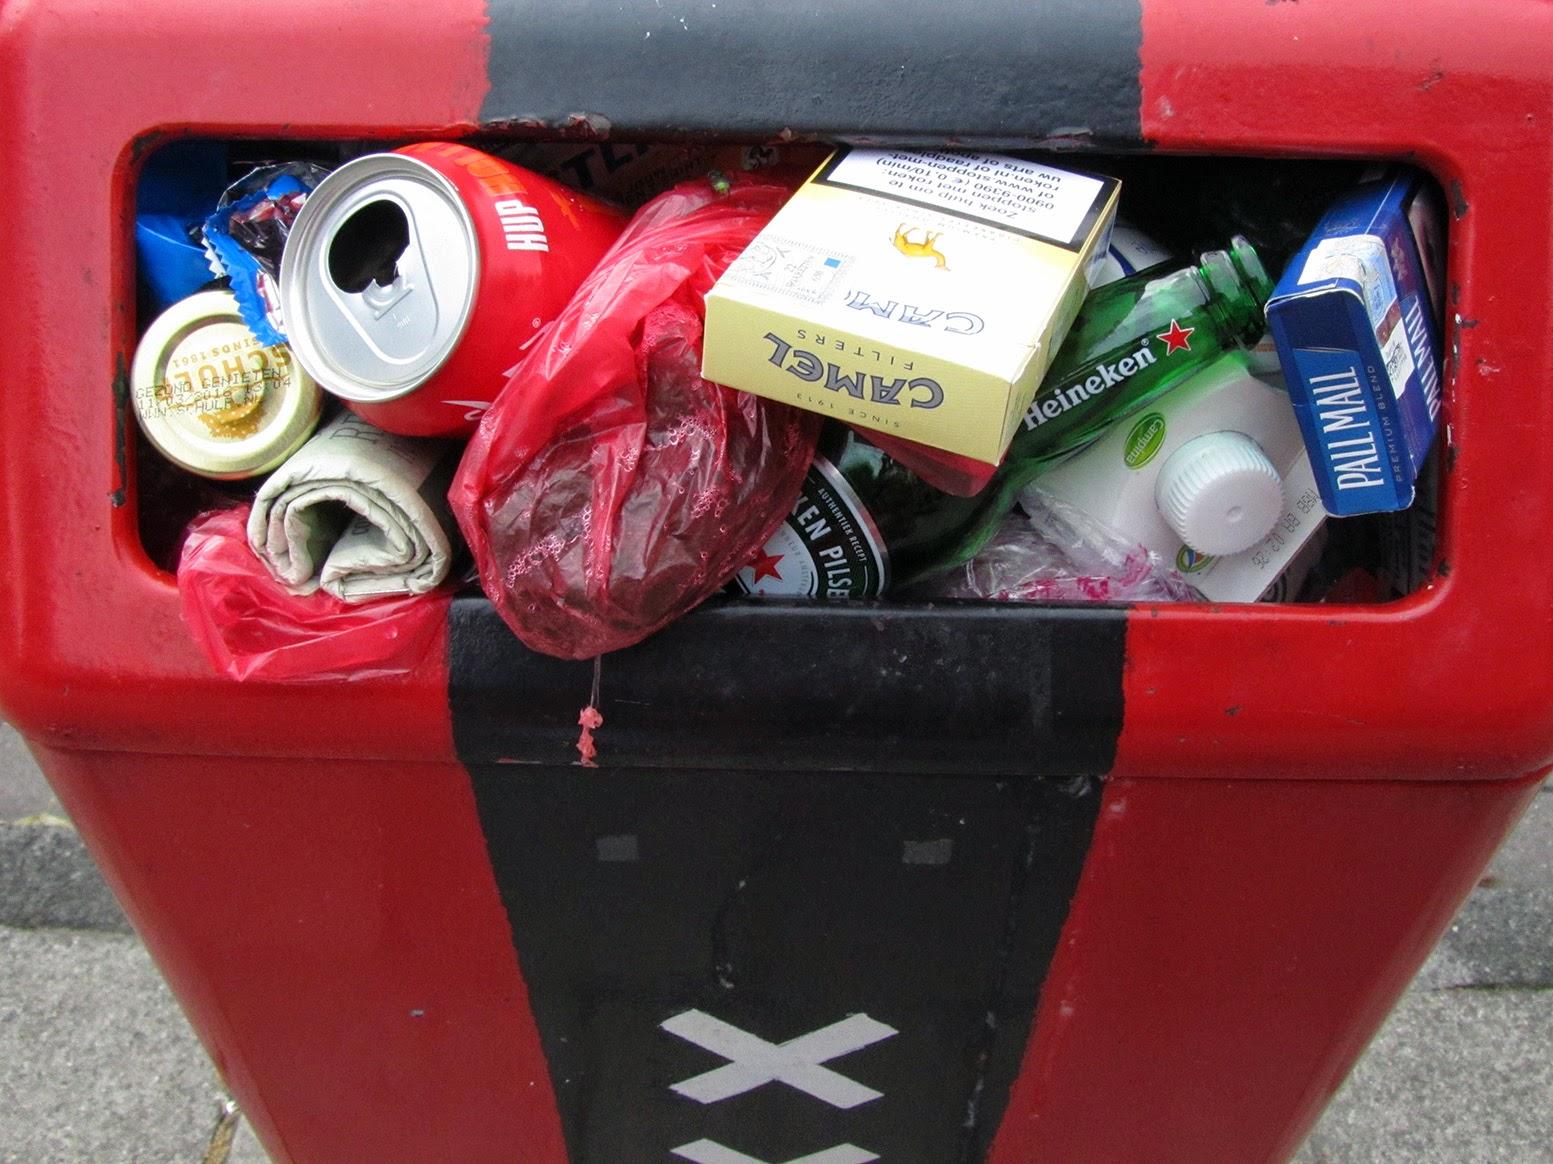 red waste basket